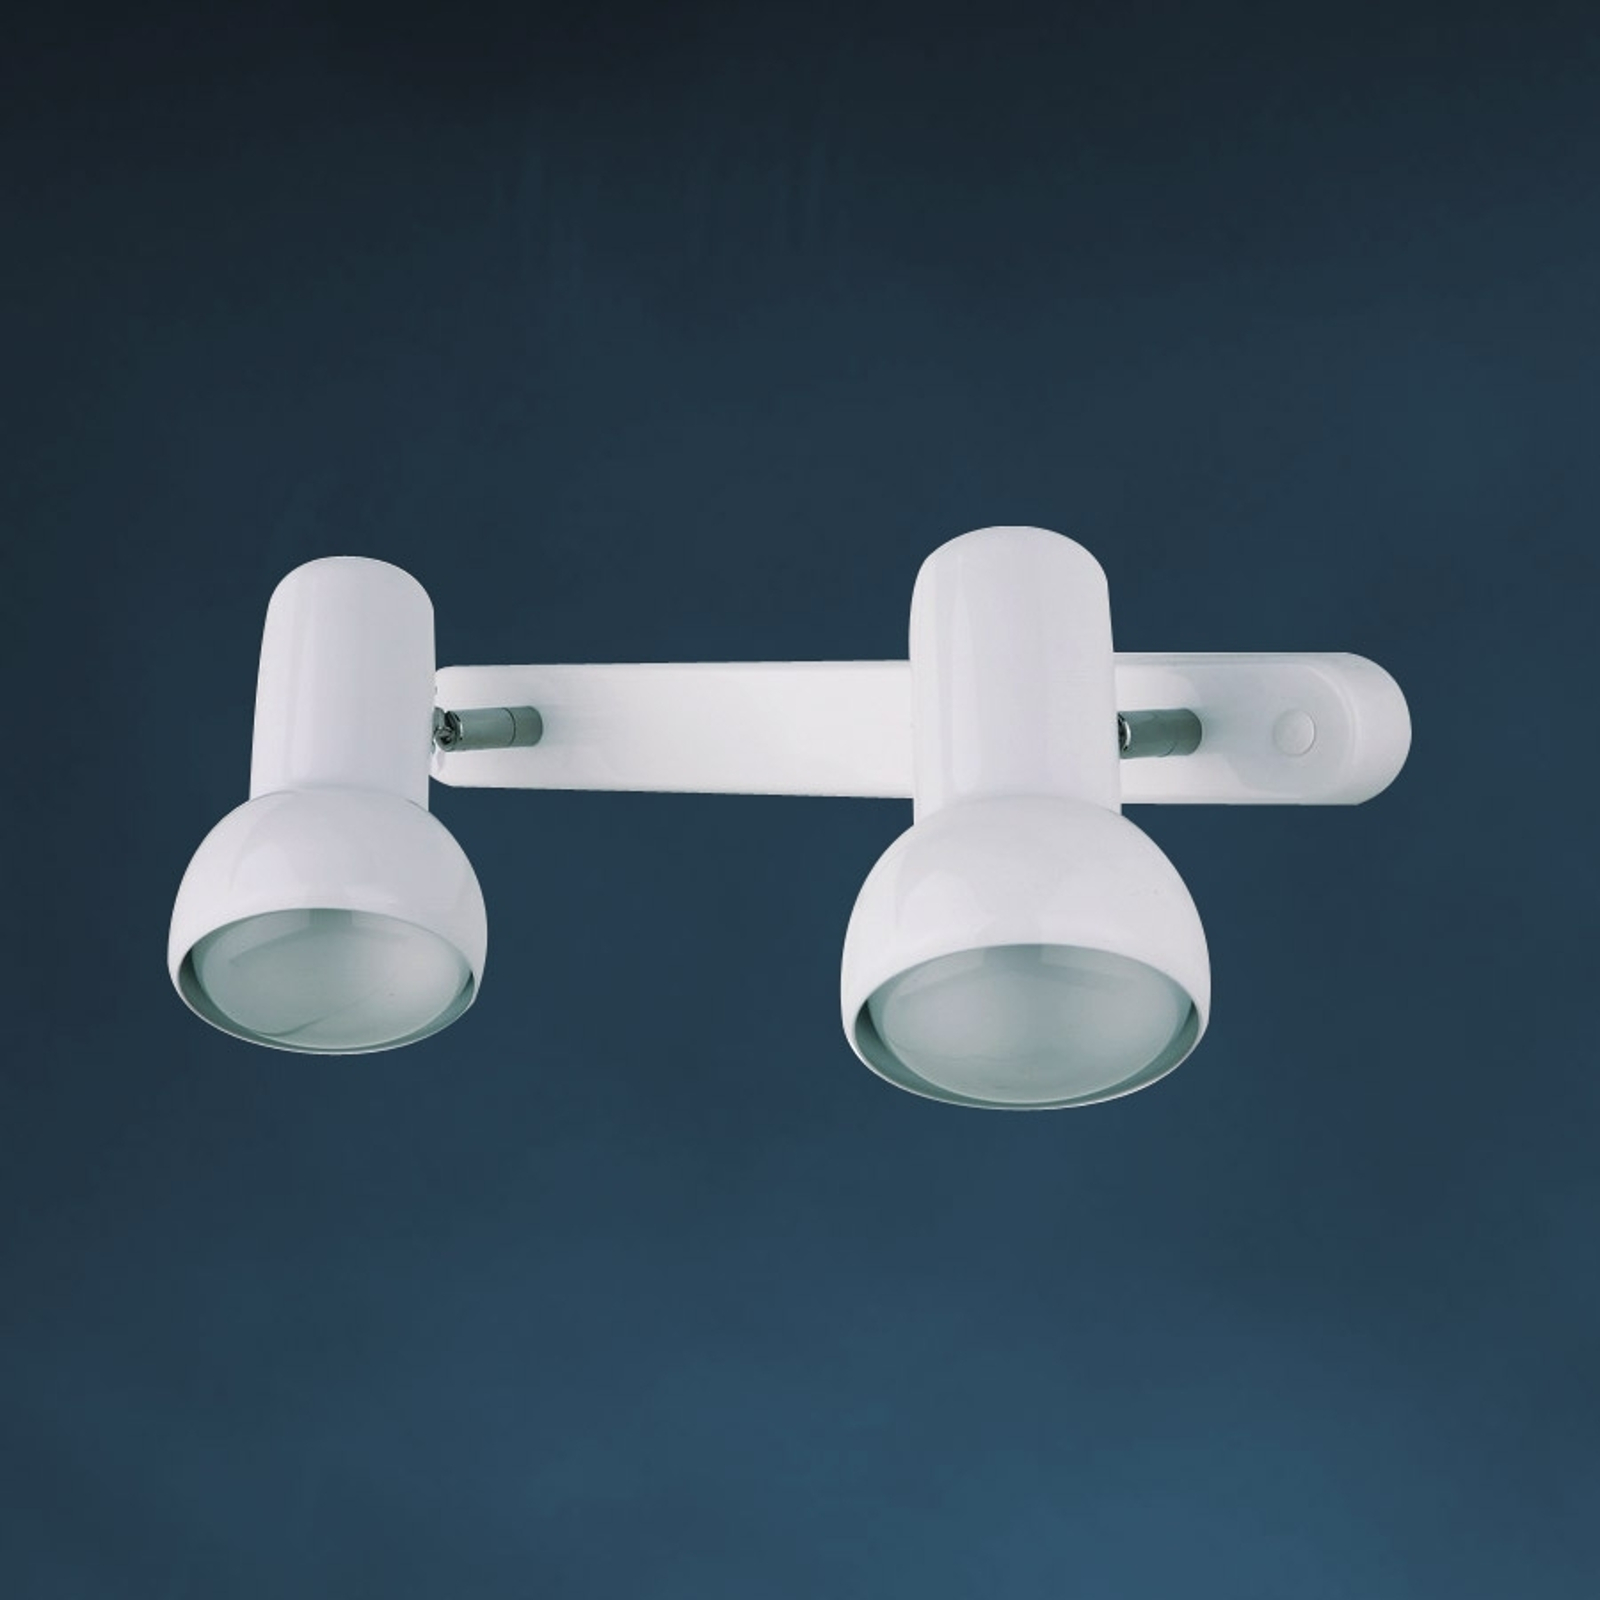 Lampa ścienna EIFEL wersja retro 2-punktowa